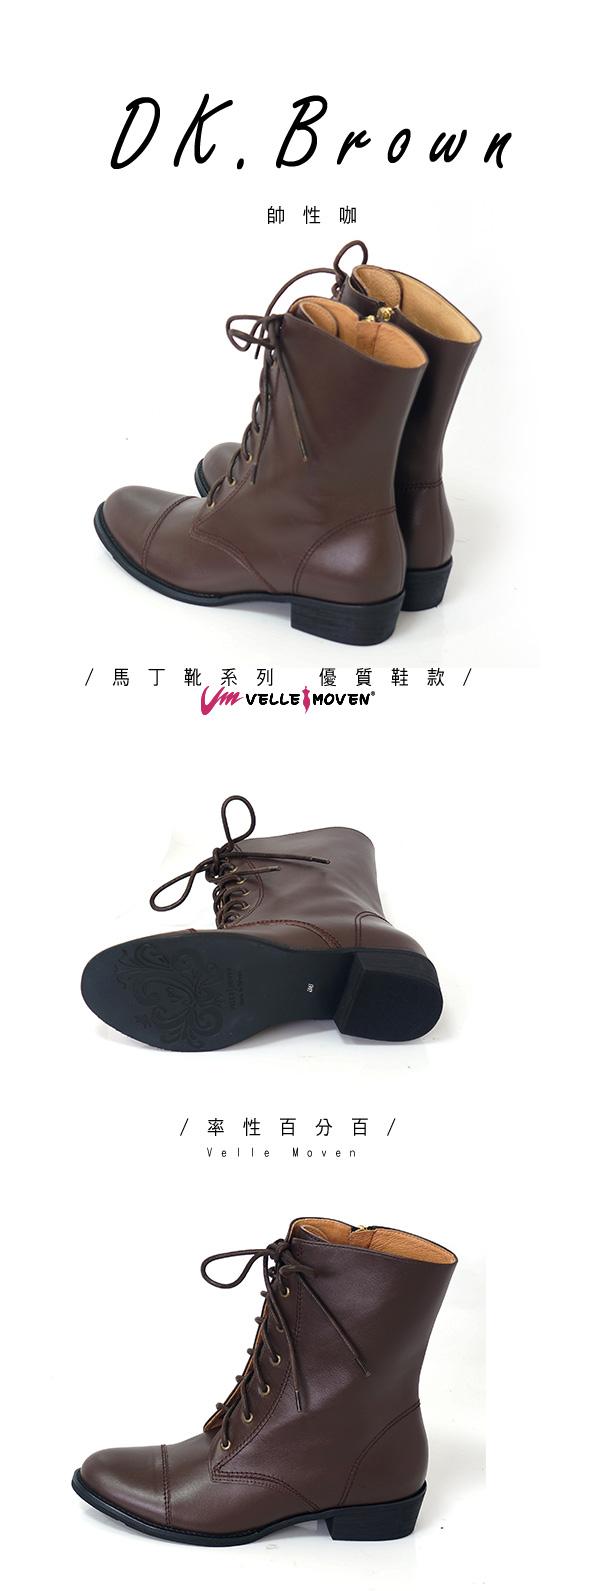 馬丁靴,軍靴,時尚文  化不可或缺的符碼,它堅固耐穿,即便它已經在腳下  變的很舊很舊,還是依然漂亮耐看,VelleMoven,時尚  皮革,拼接馬丁,帥性咖